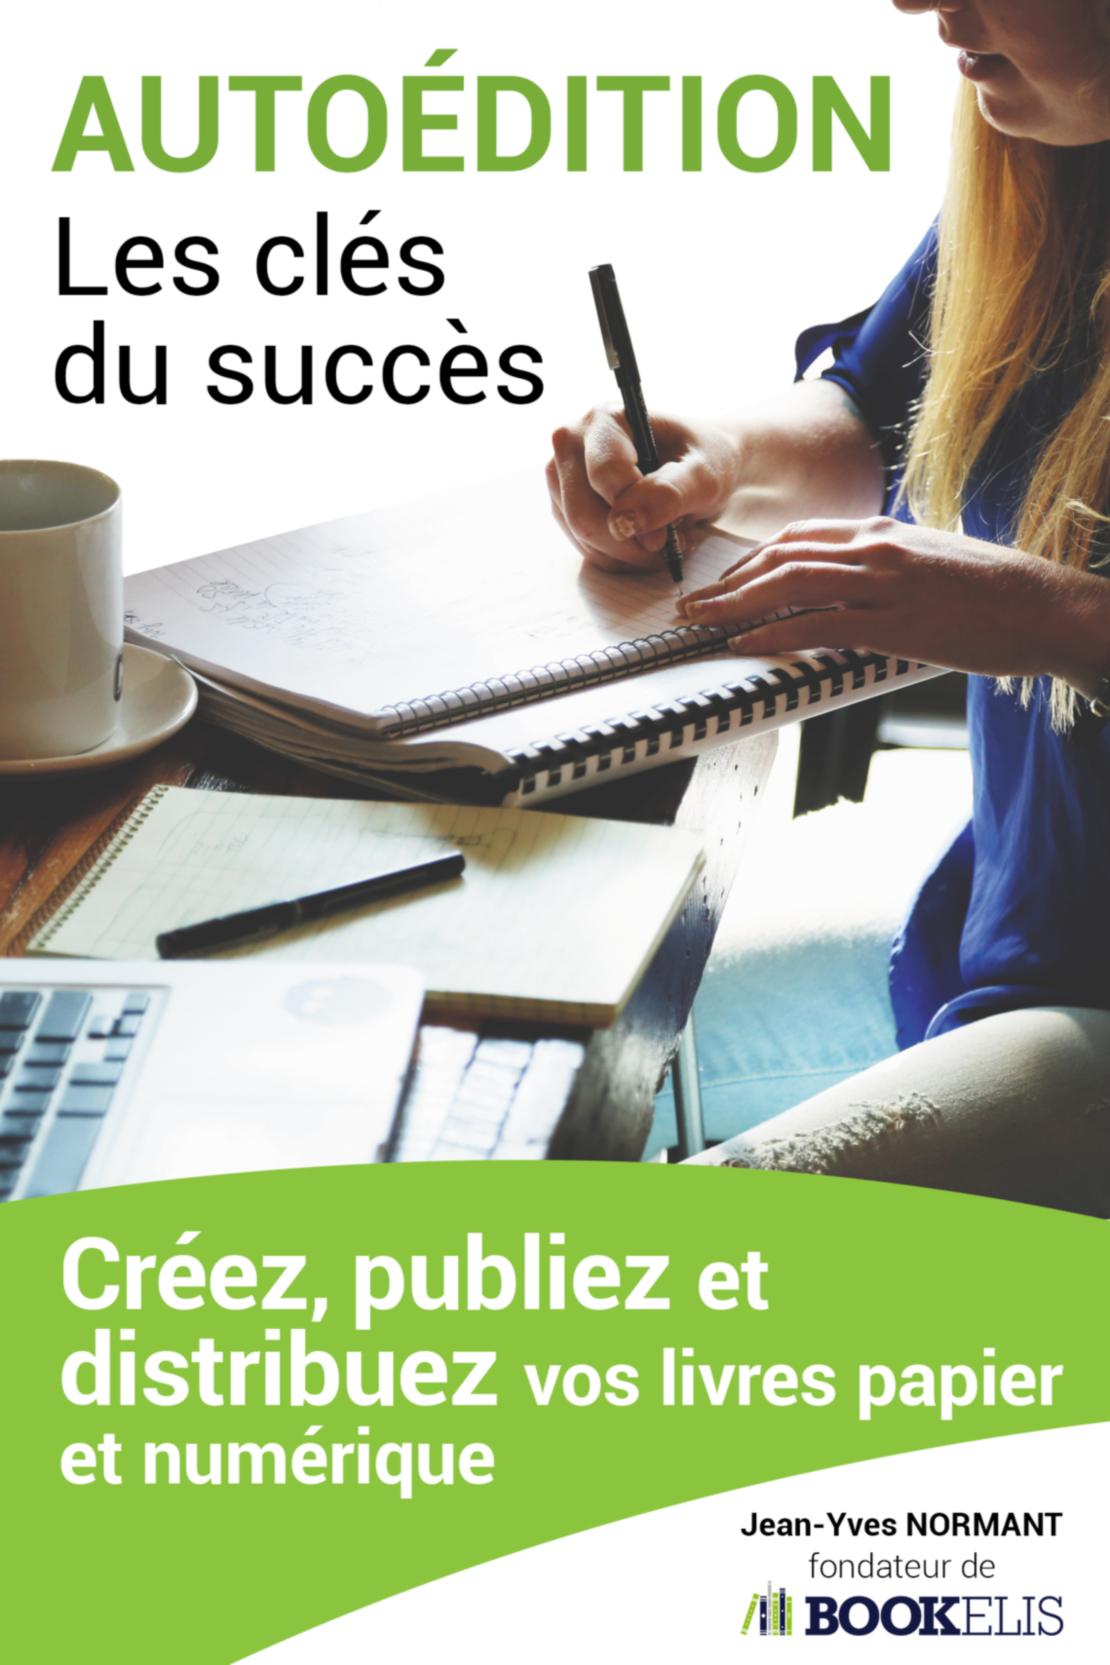 AUTOÉDITION, LES CLÉS DU SUCCÈS